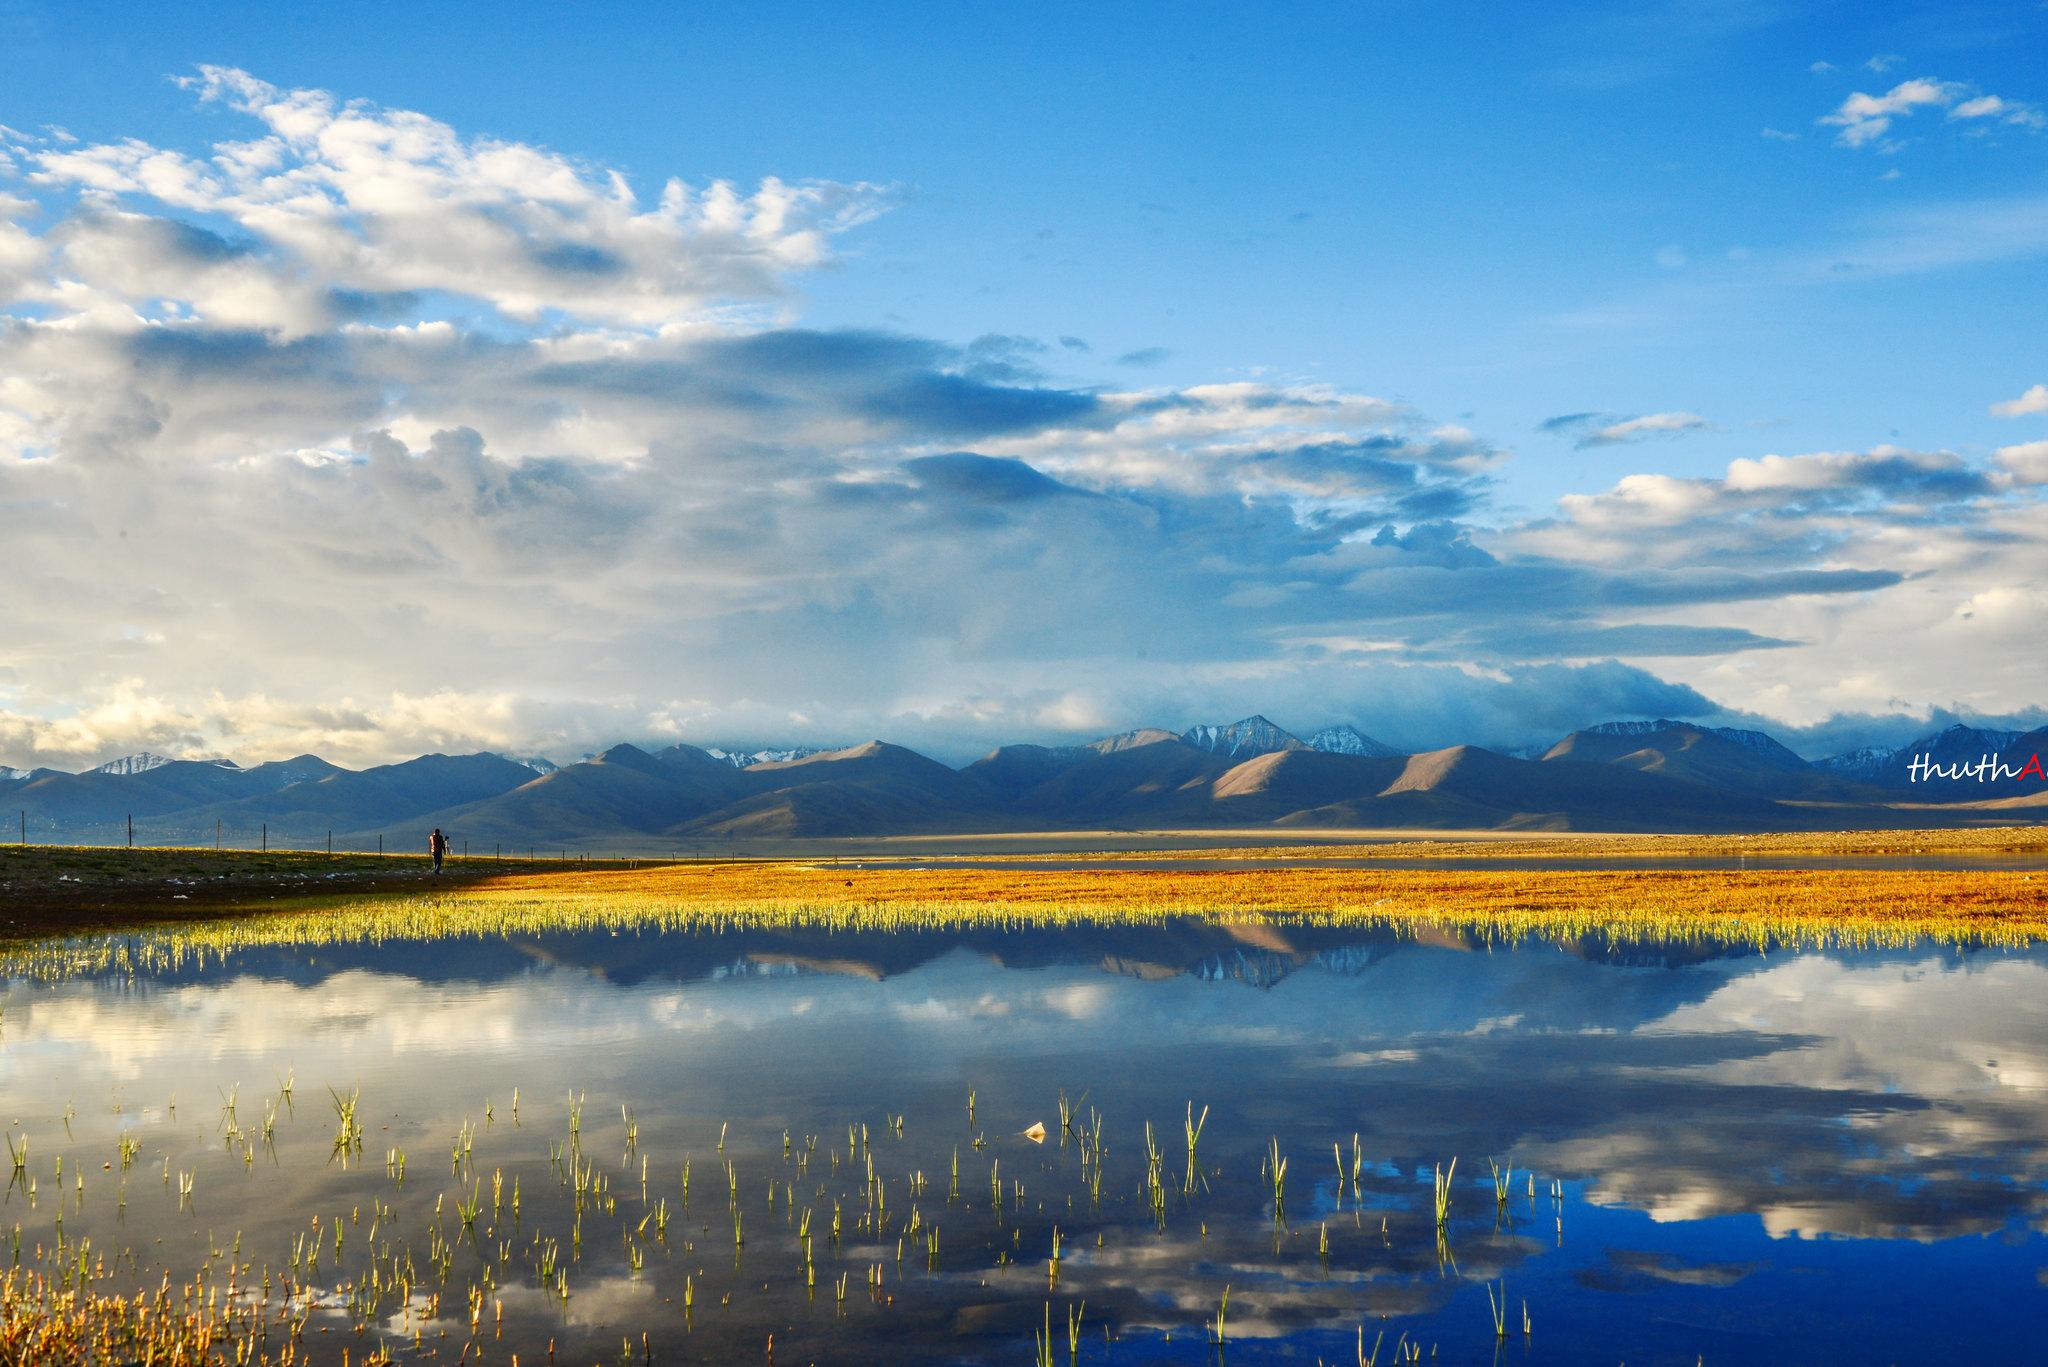 Vẻ đẹp nên thơ của Tây Tạng